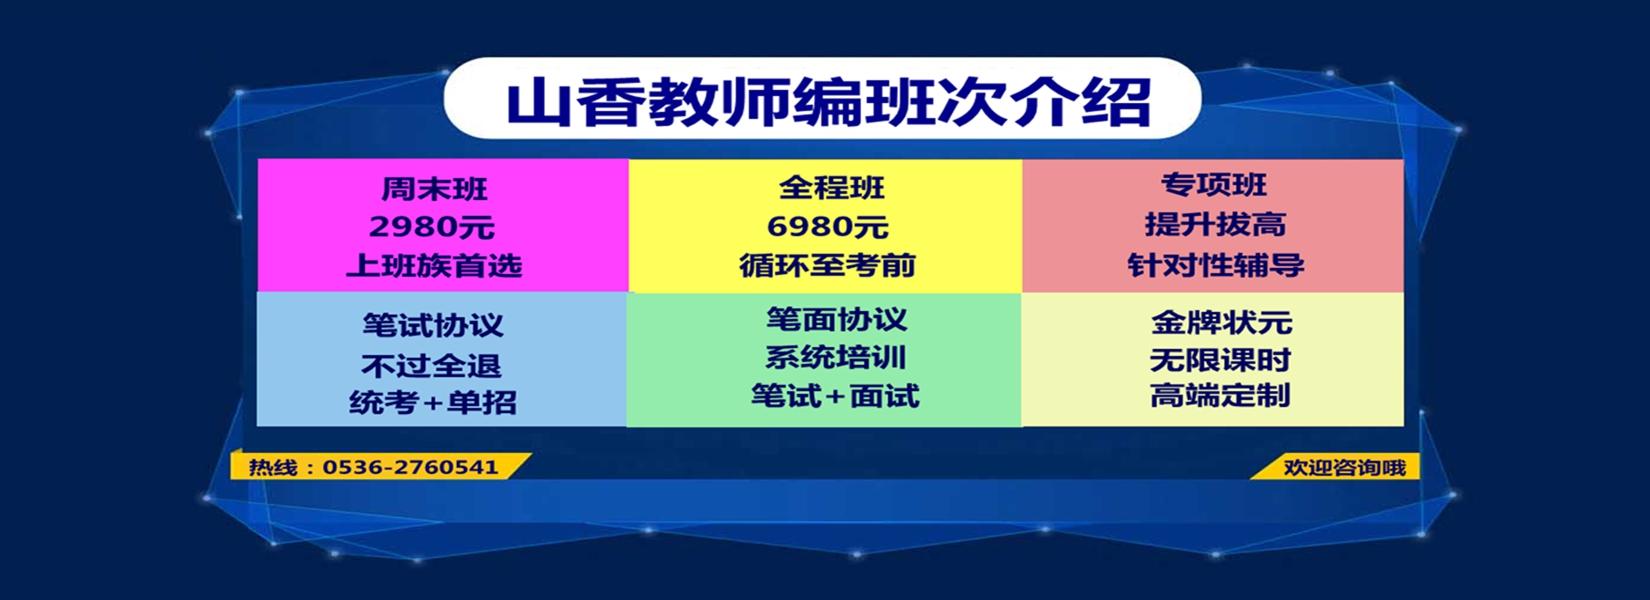 山香山东省统考笔试课程设置:|新课程-潍坊市山香教育咨询有限公司